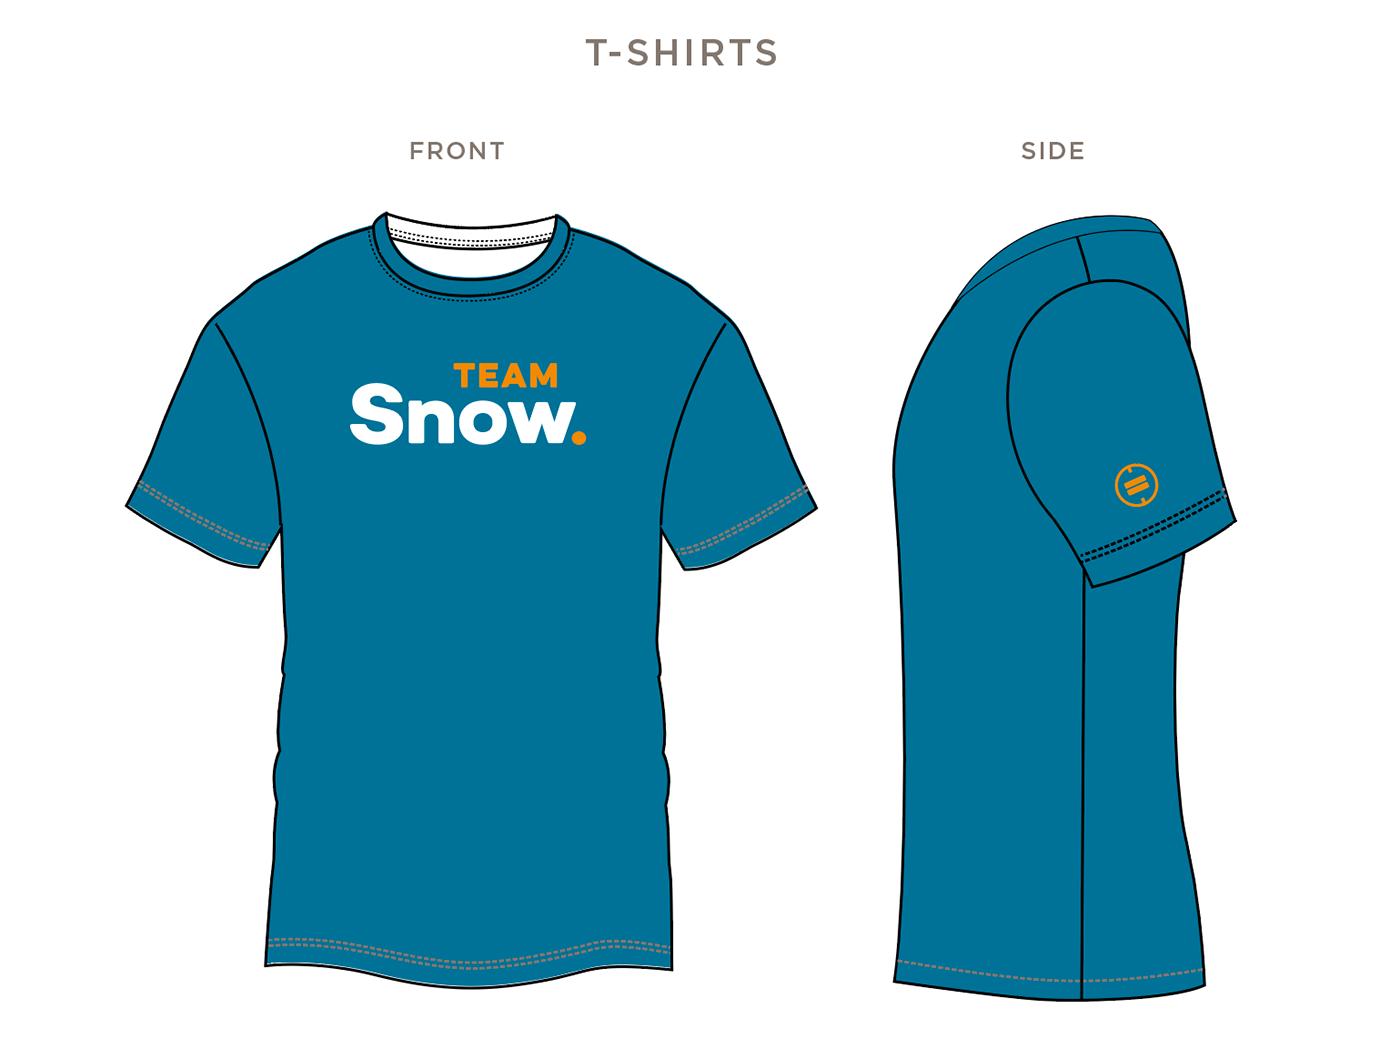 Image may contain: active shirt